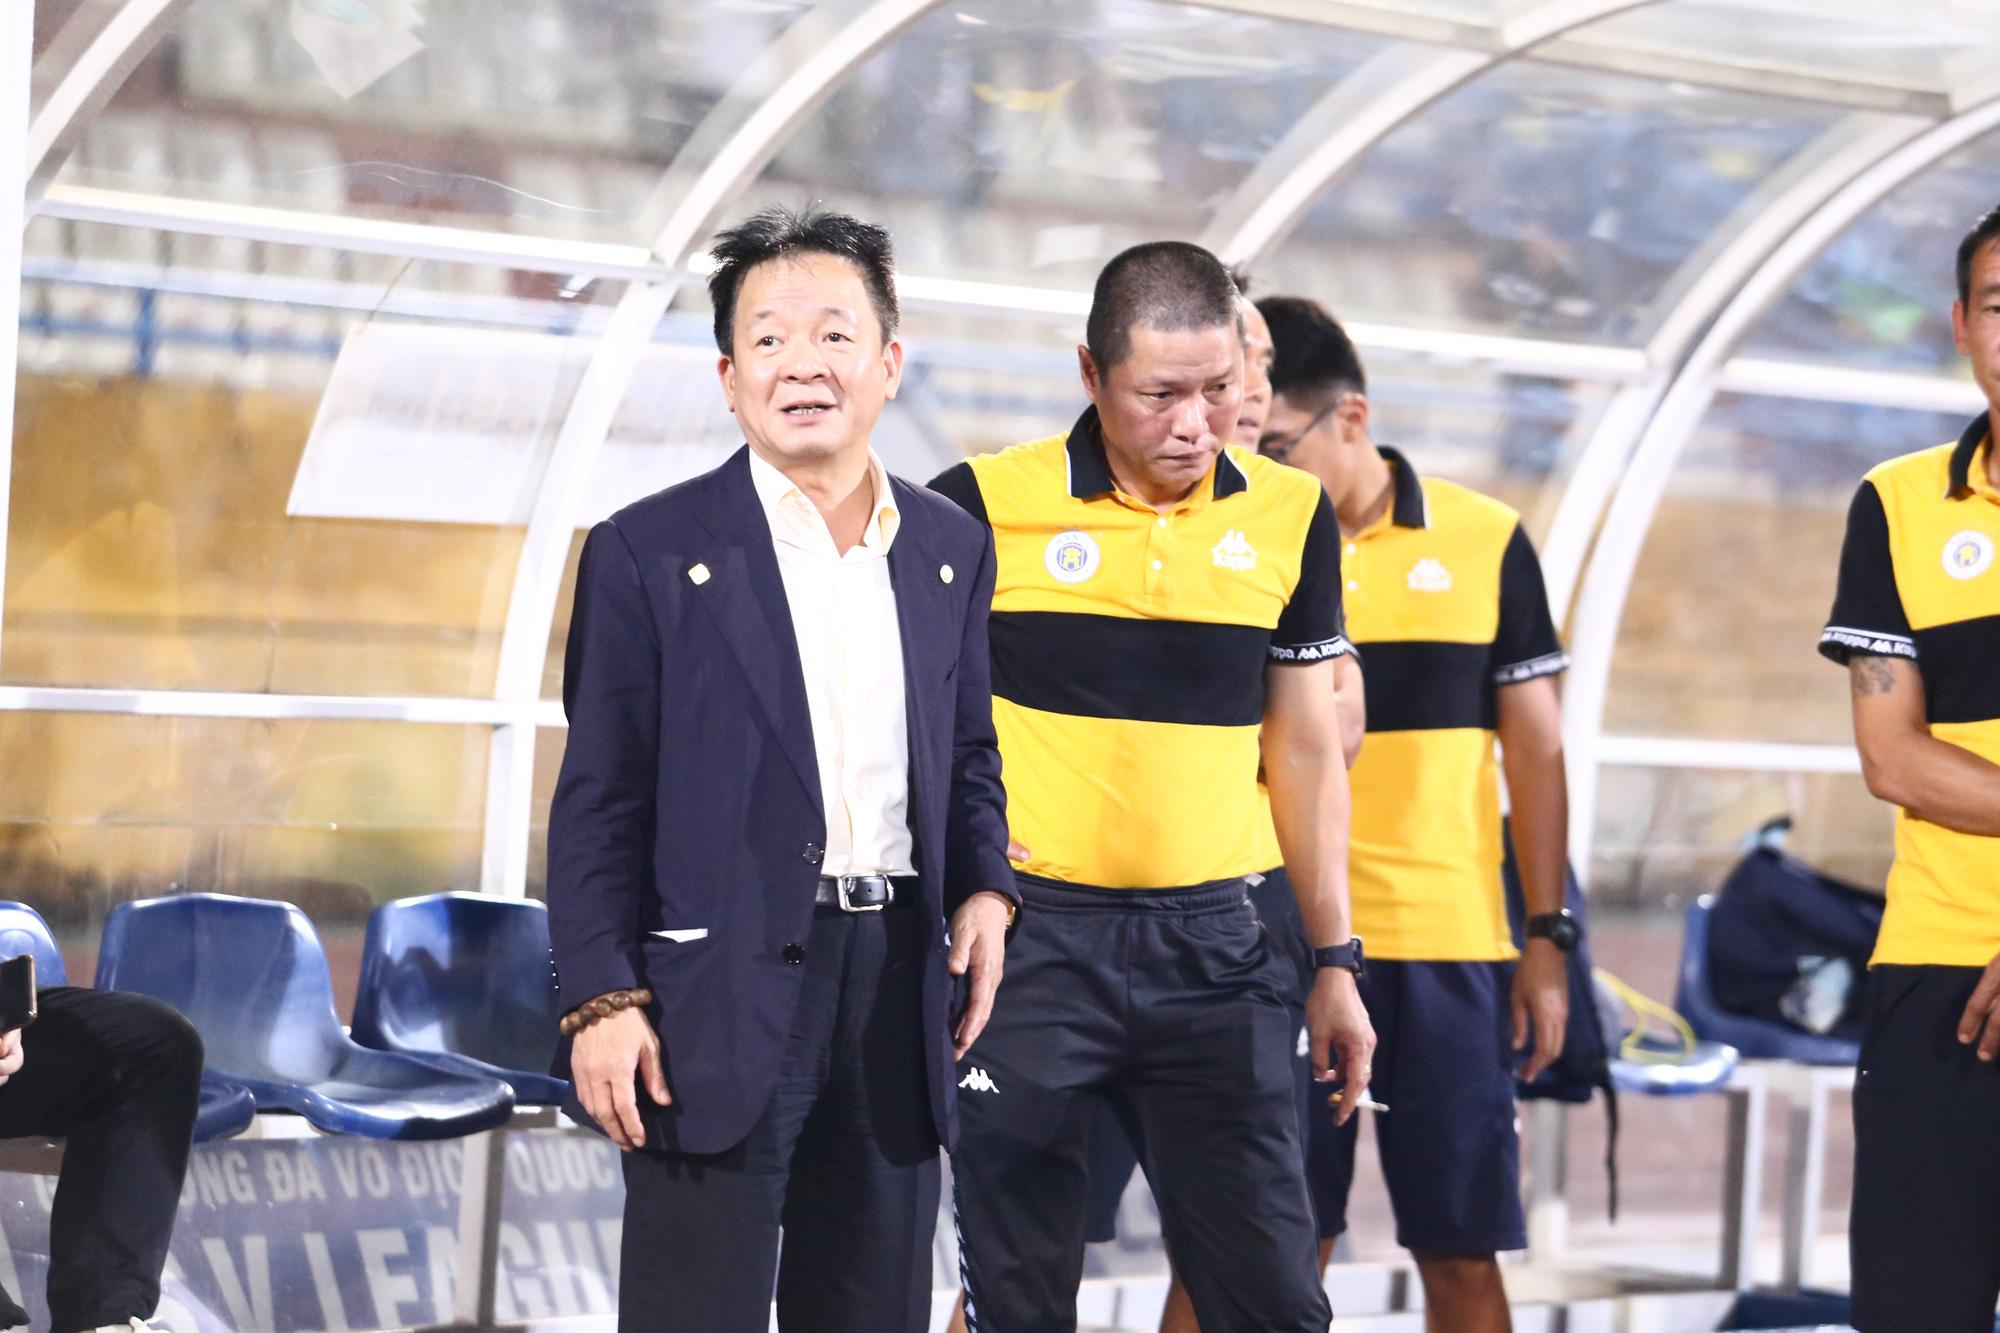 Cha con bầu Hiển gặp riêng BHL Hà Nội FC sau trận hòa tiếc nuối - Ảnh 2.